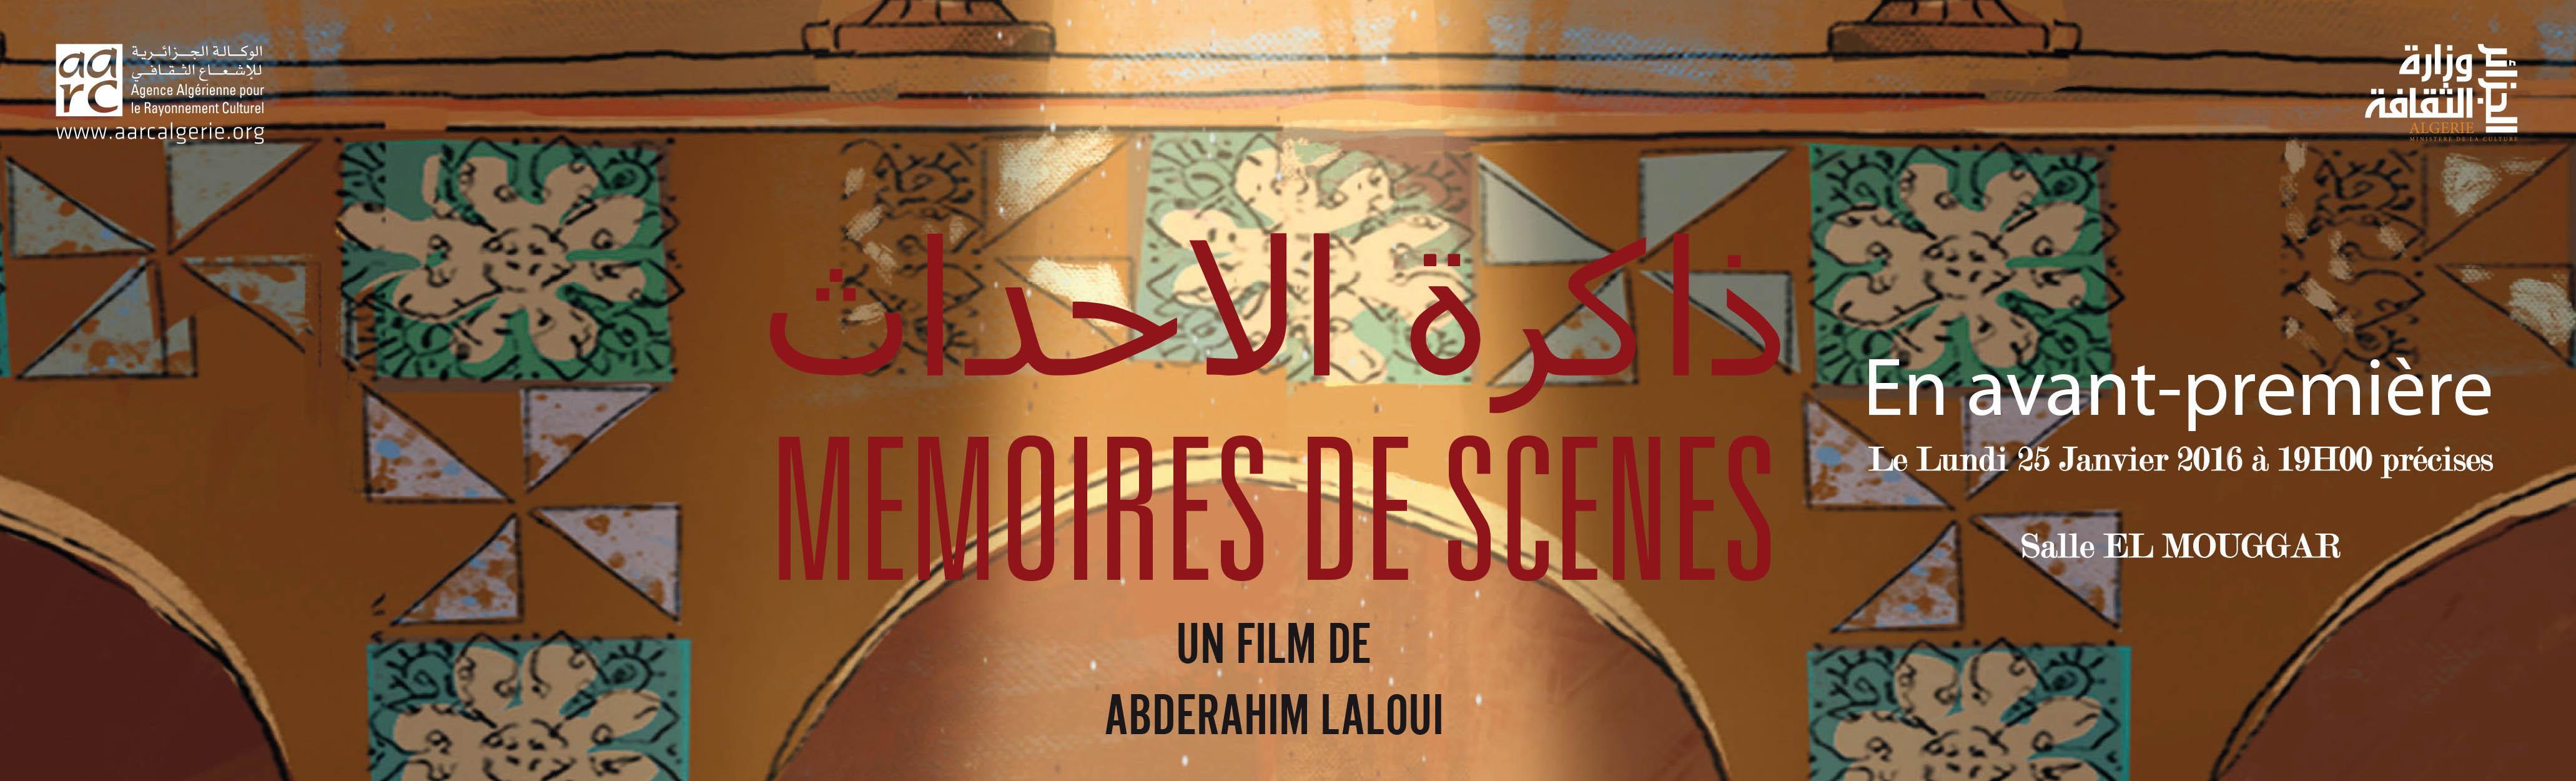 Avant-première du film long métrage « Mémoires de scènes » de Abderahim Laloui